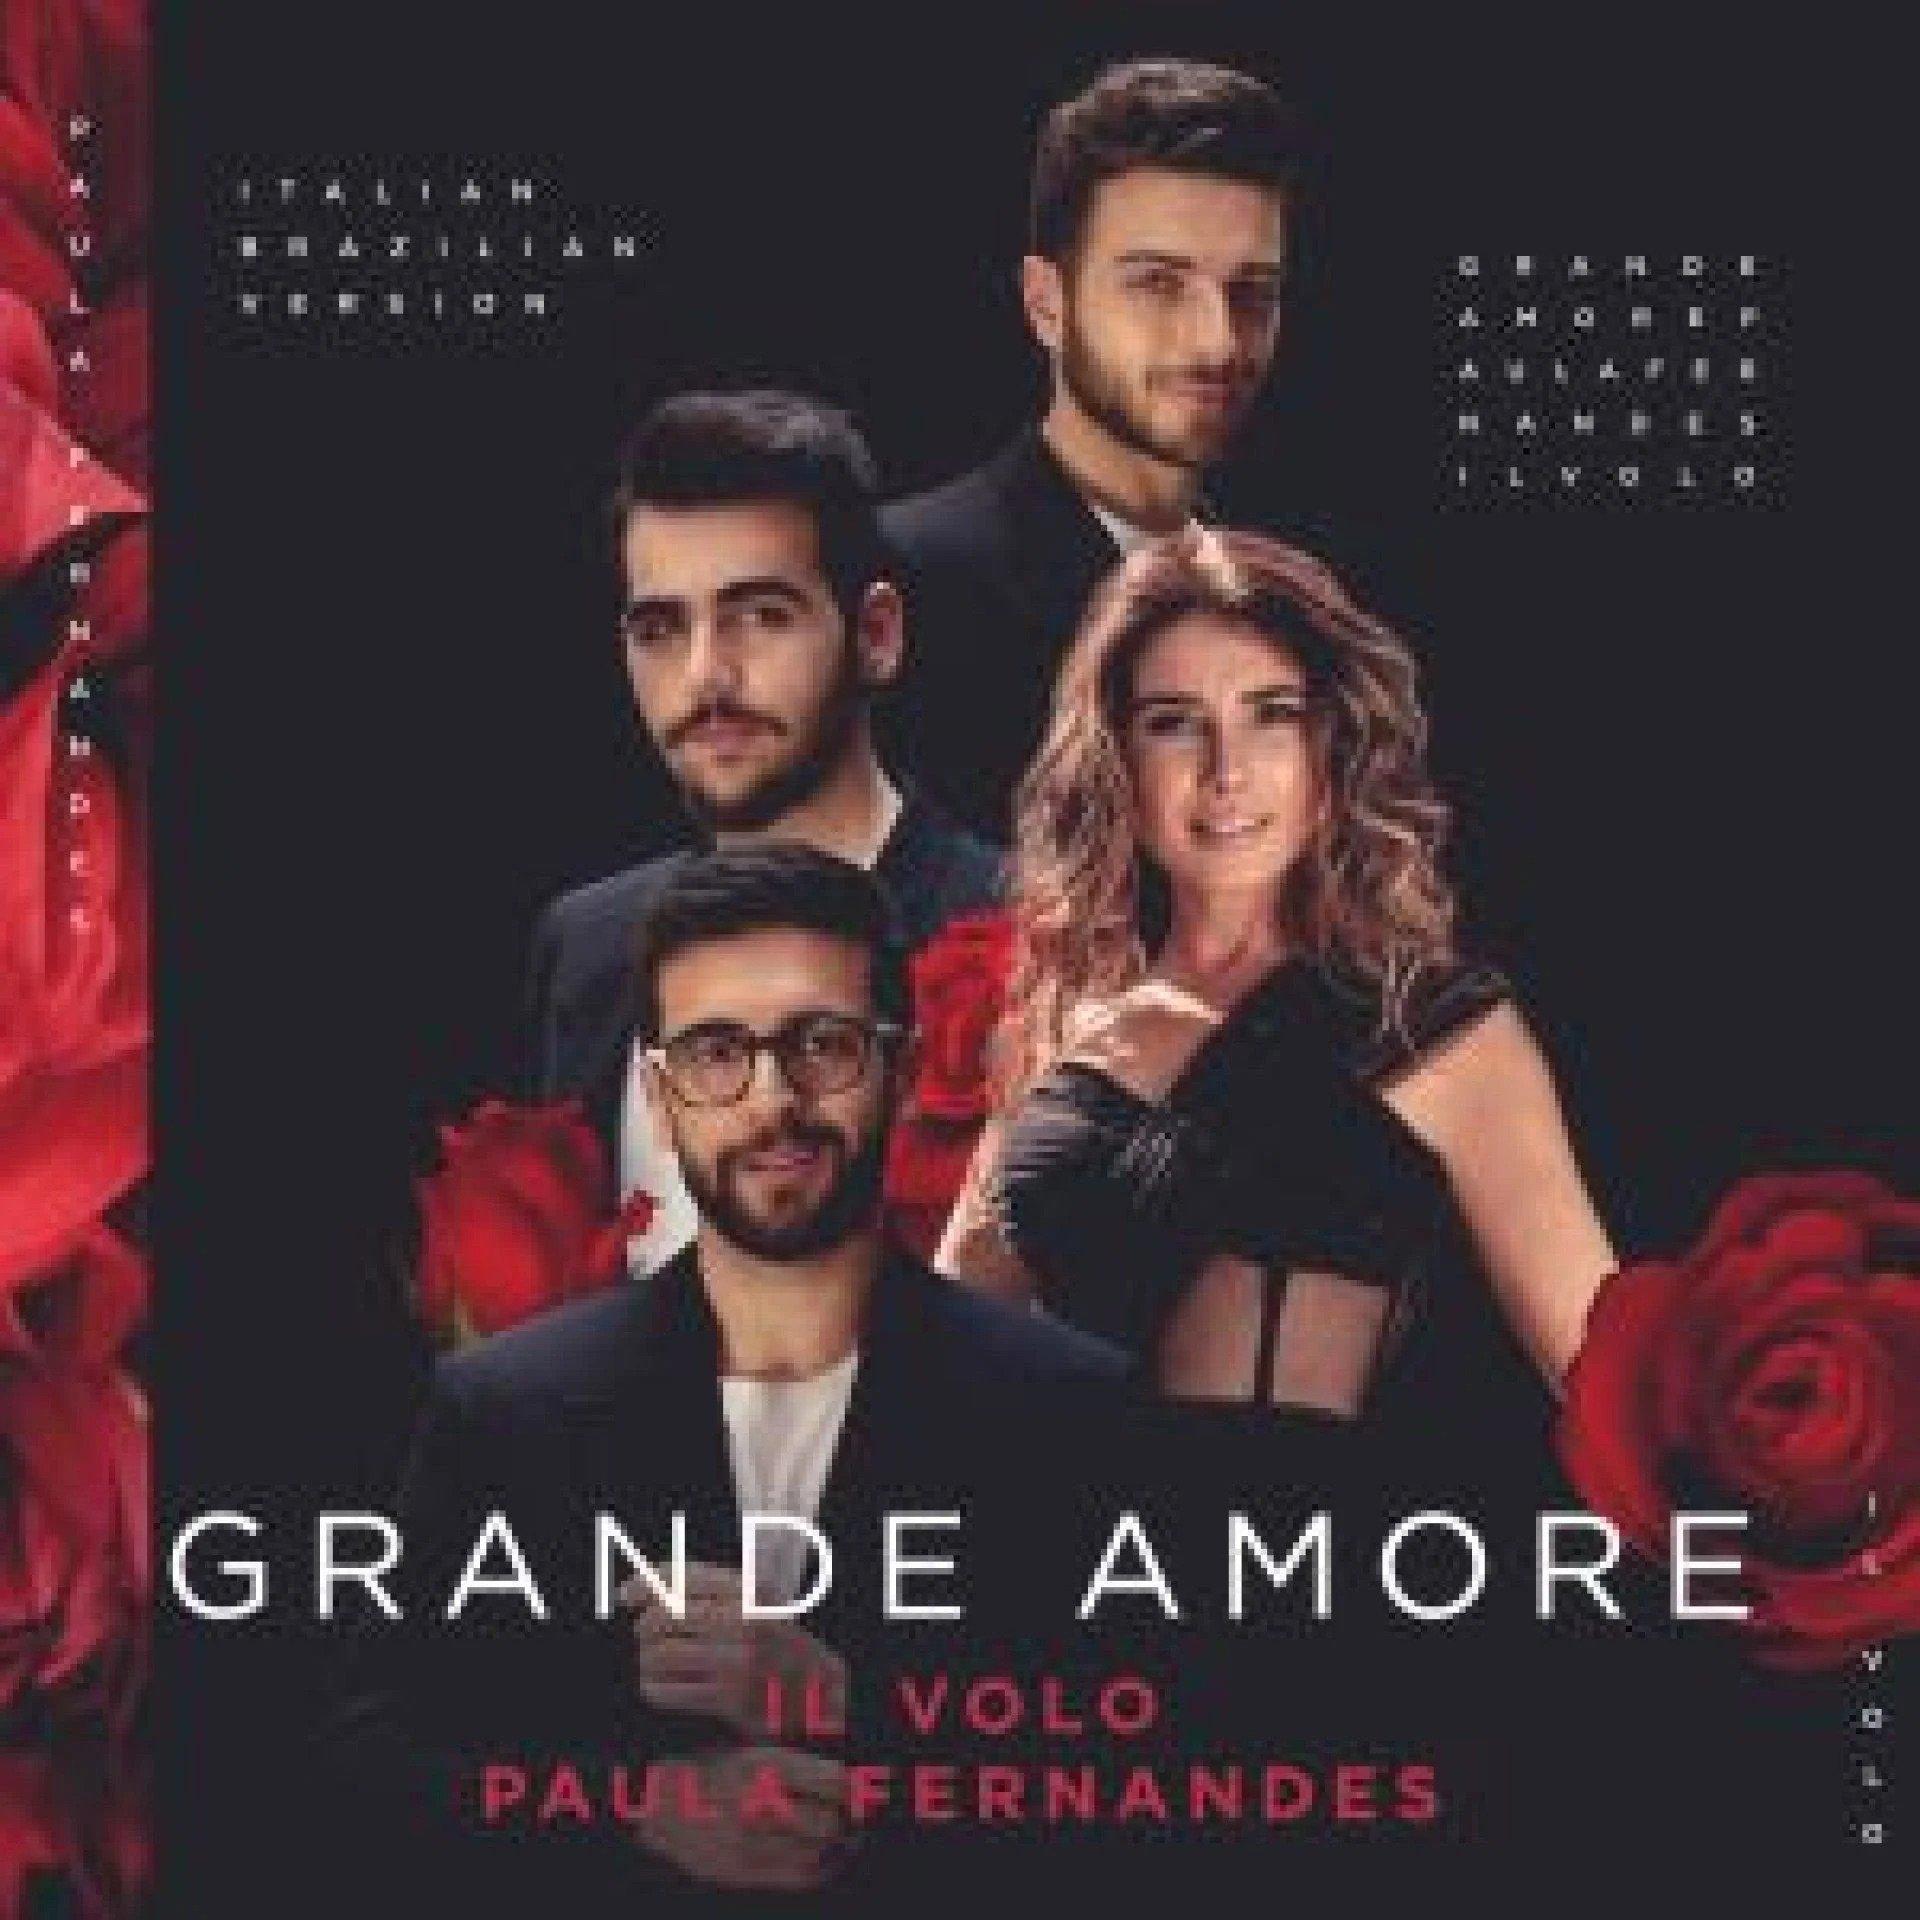 """Paula Fernandes se junta a IL VOLO para celebrar o amor com uma versão única e inédita do hit """"Grande amore"""", do trio italiano 42"""